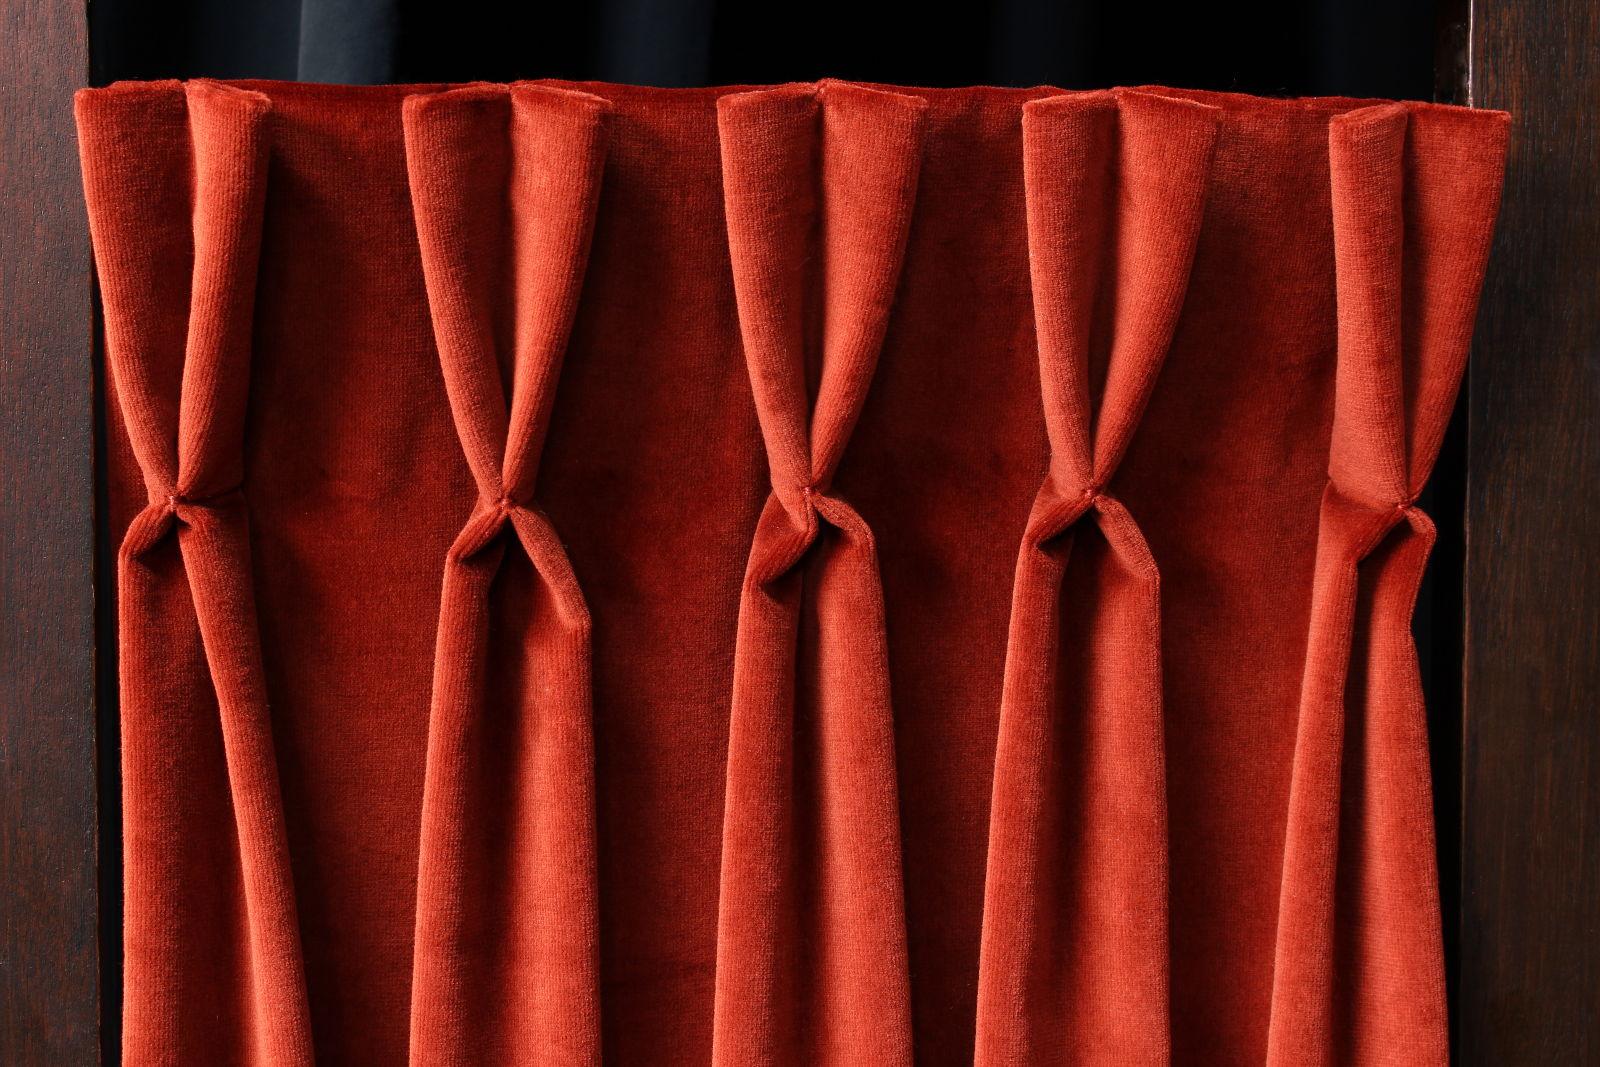 T te de rideaux tapissi re d couvrir m tissage mati res - Tissus pour double rideaux ...